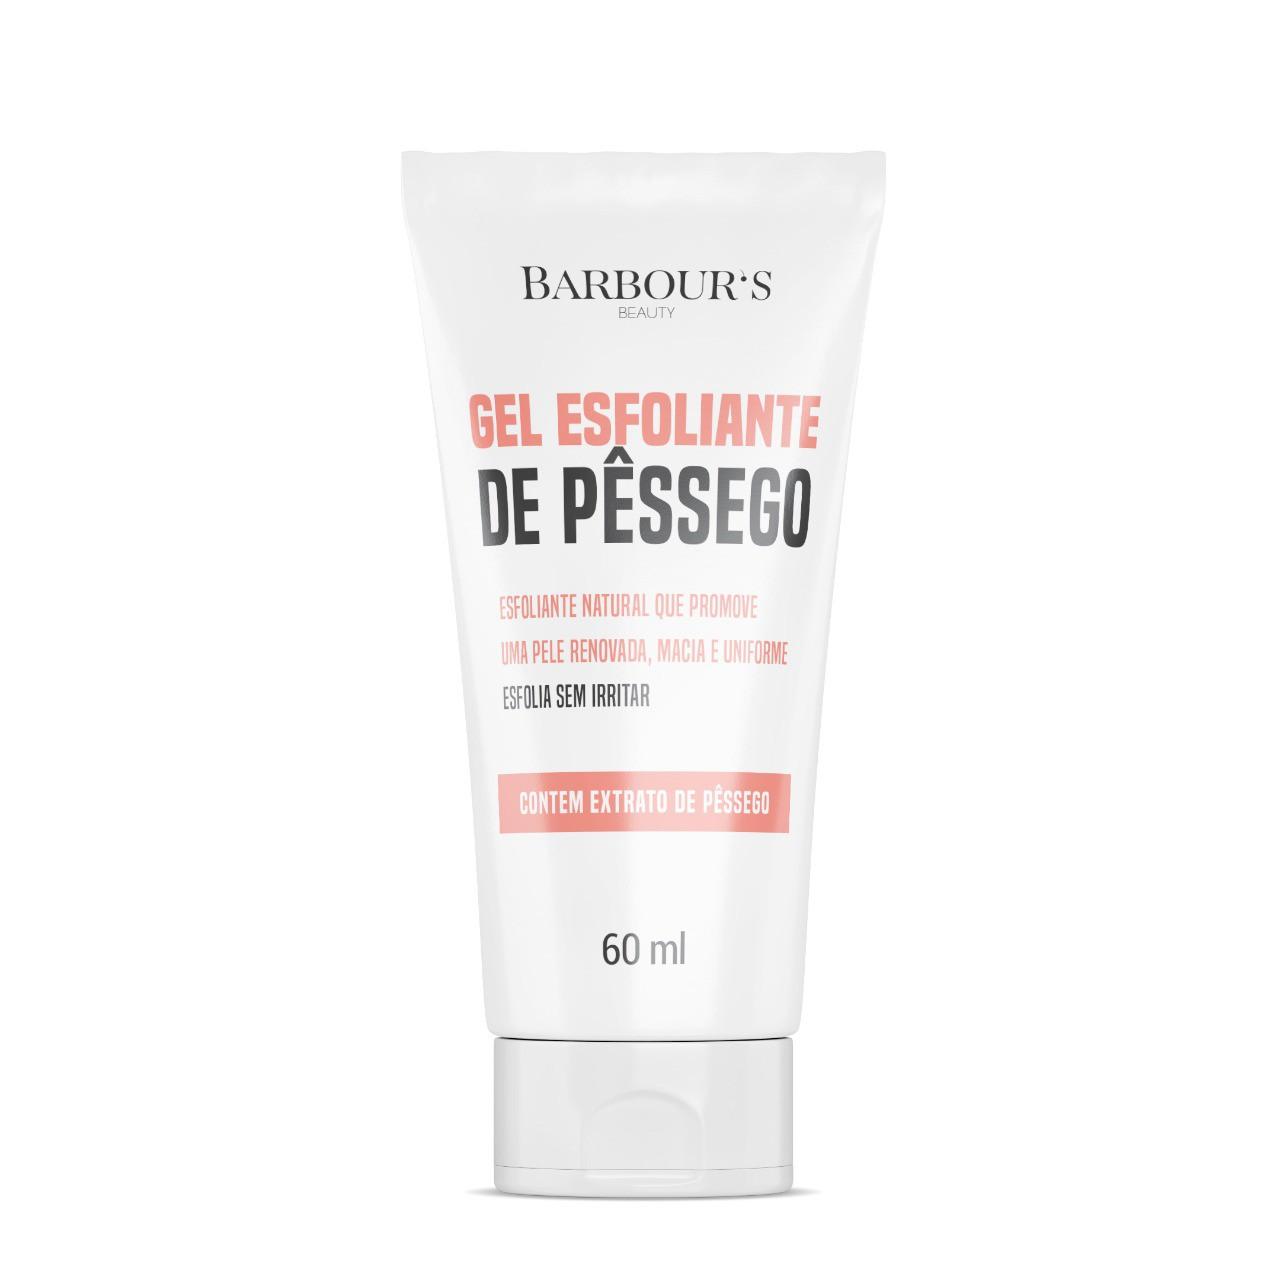 Gel Esfoliante De Pêssego